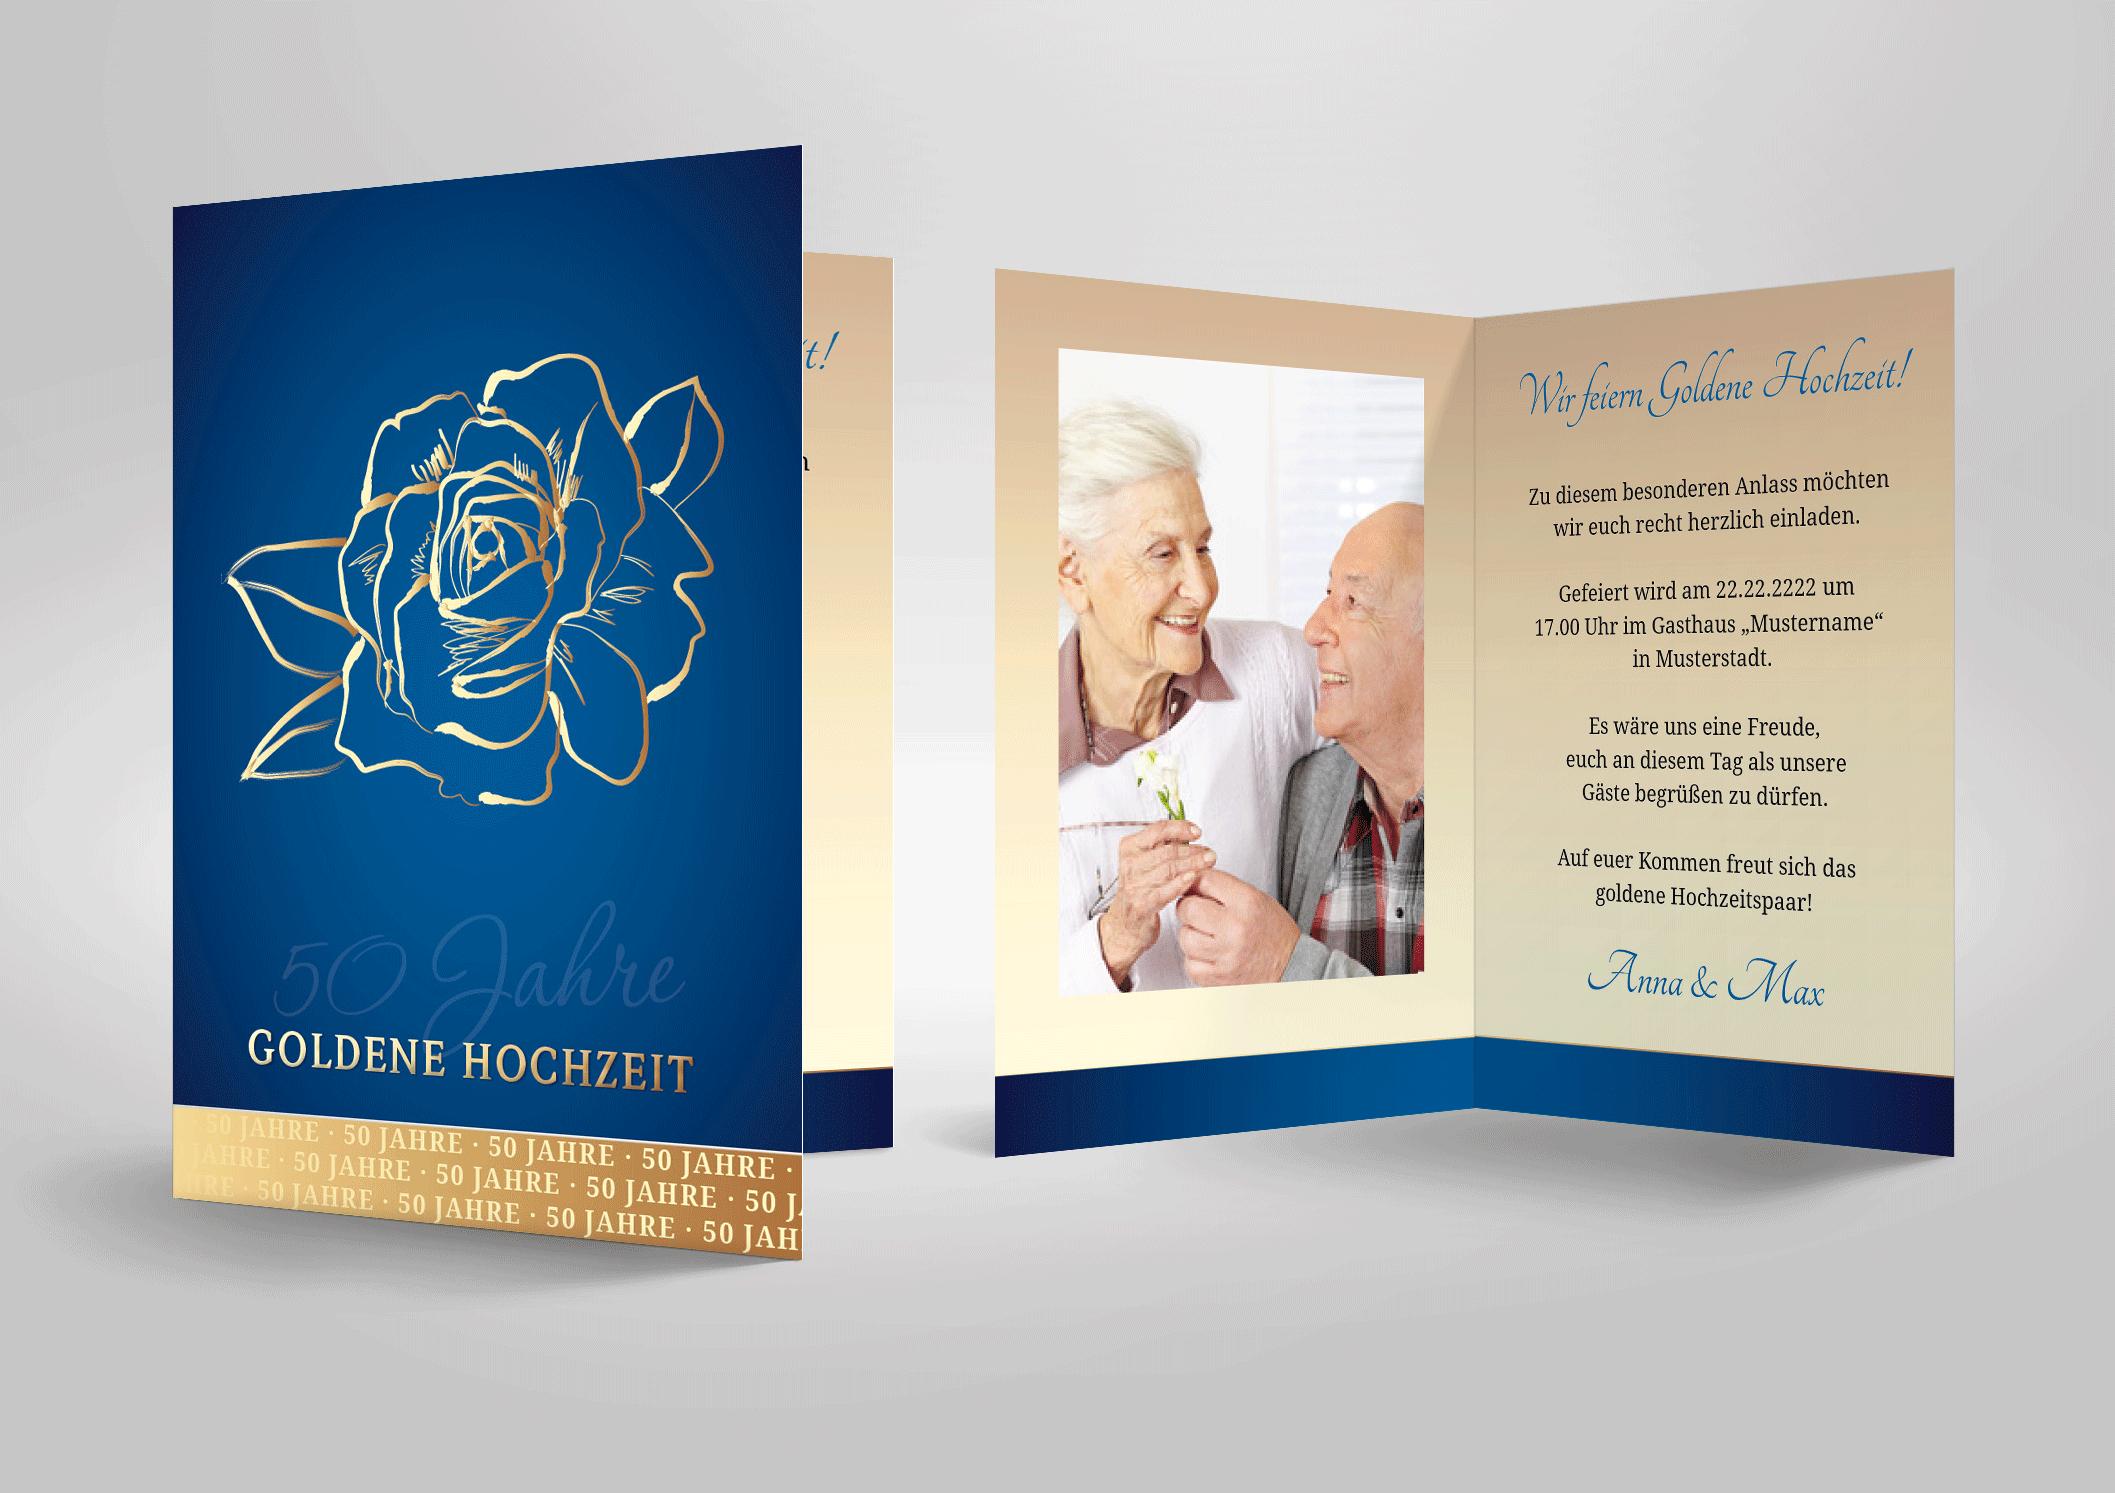 Goldene Hochzeit feiern, schöne Einladungskarte günstig